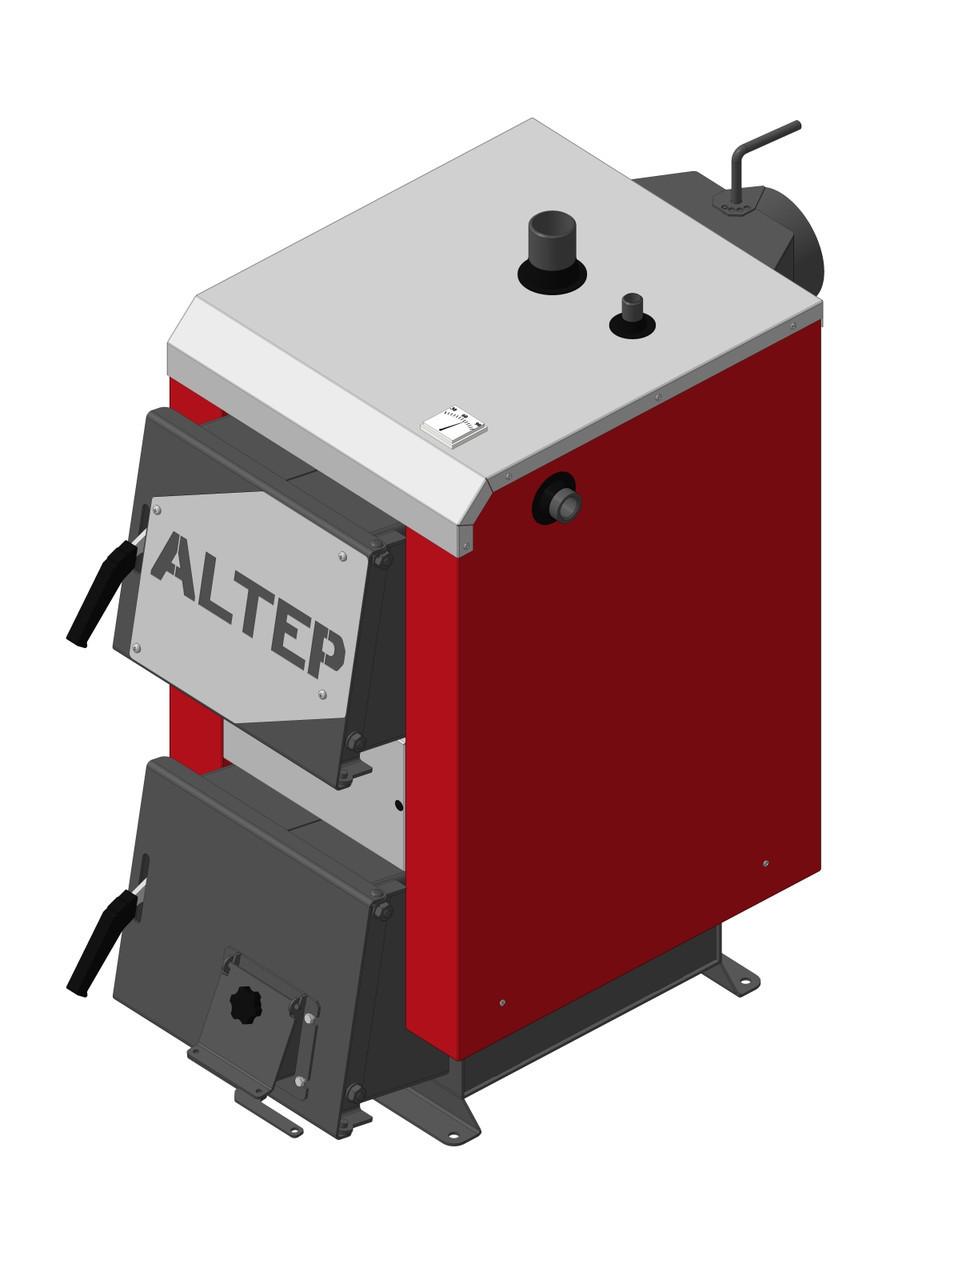 Котлы  на твердом топливе Альтеп Мини  16кВт (Altep Mini)